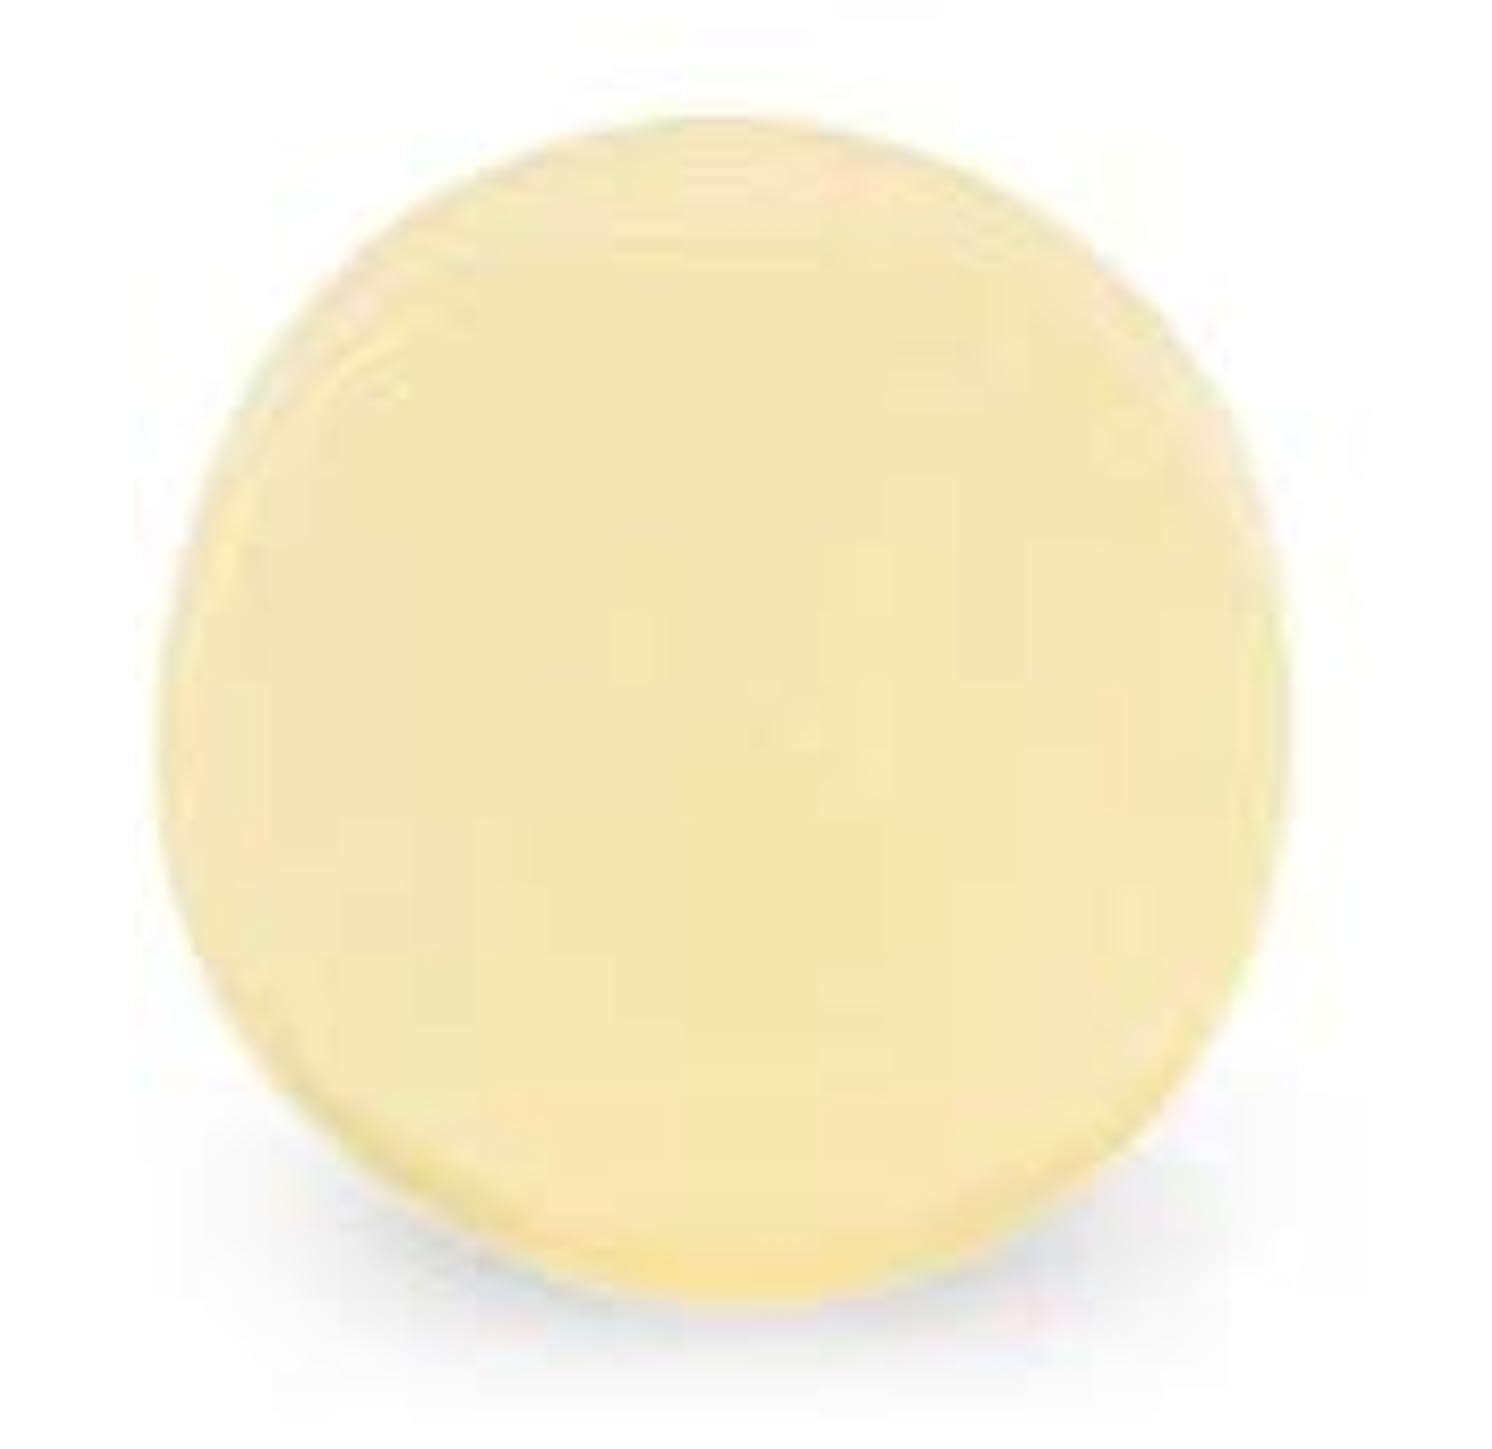 のみ国家実用的リマナチュラル LIMANATURAL カメリアビューティーソープ ソープ 石鹸 スキンケア ボディケア オーガニック マクロビオテック ナチュラル化粧品